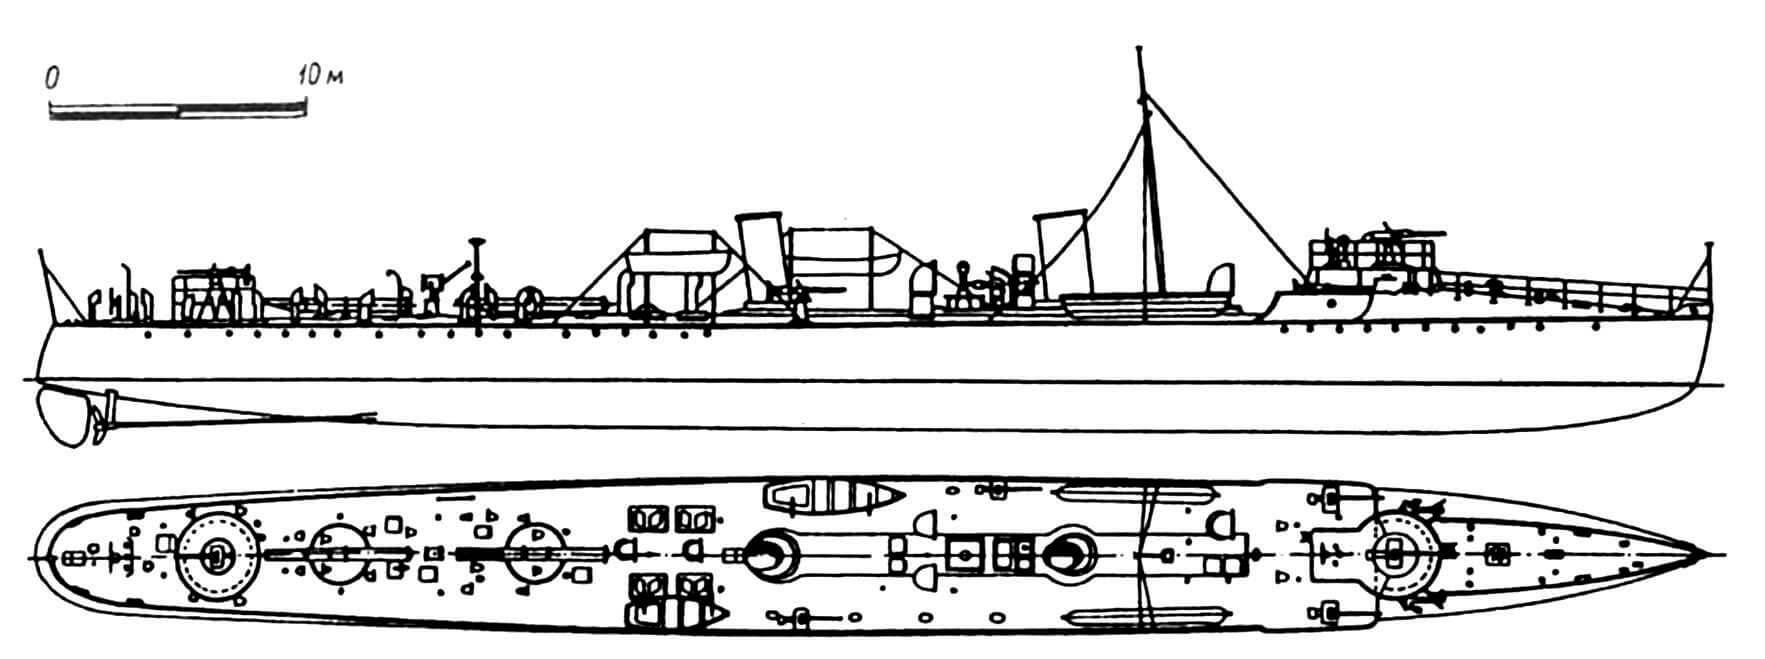 117. Эскадренный миноносец «30-узловой» серии «Десперейт», Англия, 1897 г. Строился фирмой «Торникрофт». Водоизмещение нормальное 310 т, полное 350 т. Длина наибольшая 64,01 м, ширина 5,94 м, осадка 2,13 м. Мощность двухвальной паросиловой установки 5700 л.с., скорость на испытаниях 30,6 узла. Вооружение: два палубных торпедных аппарата, одна 76-мм и пять 57-мм пушек. Всего построено четыре единицы: «Десперейт», «Фэйм», «Фоам» и «Мэллард», вошедшие в строй в 1897 г. Обладали хорошей маневренностью. «Фоам» сдан на слом в 1914г., остальные — после Первой мировой войны.